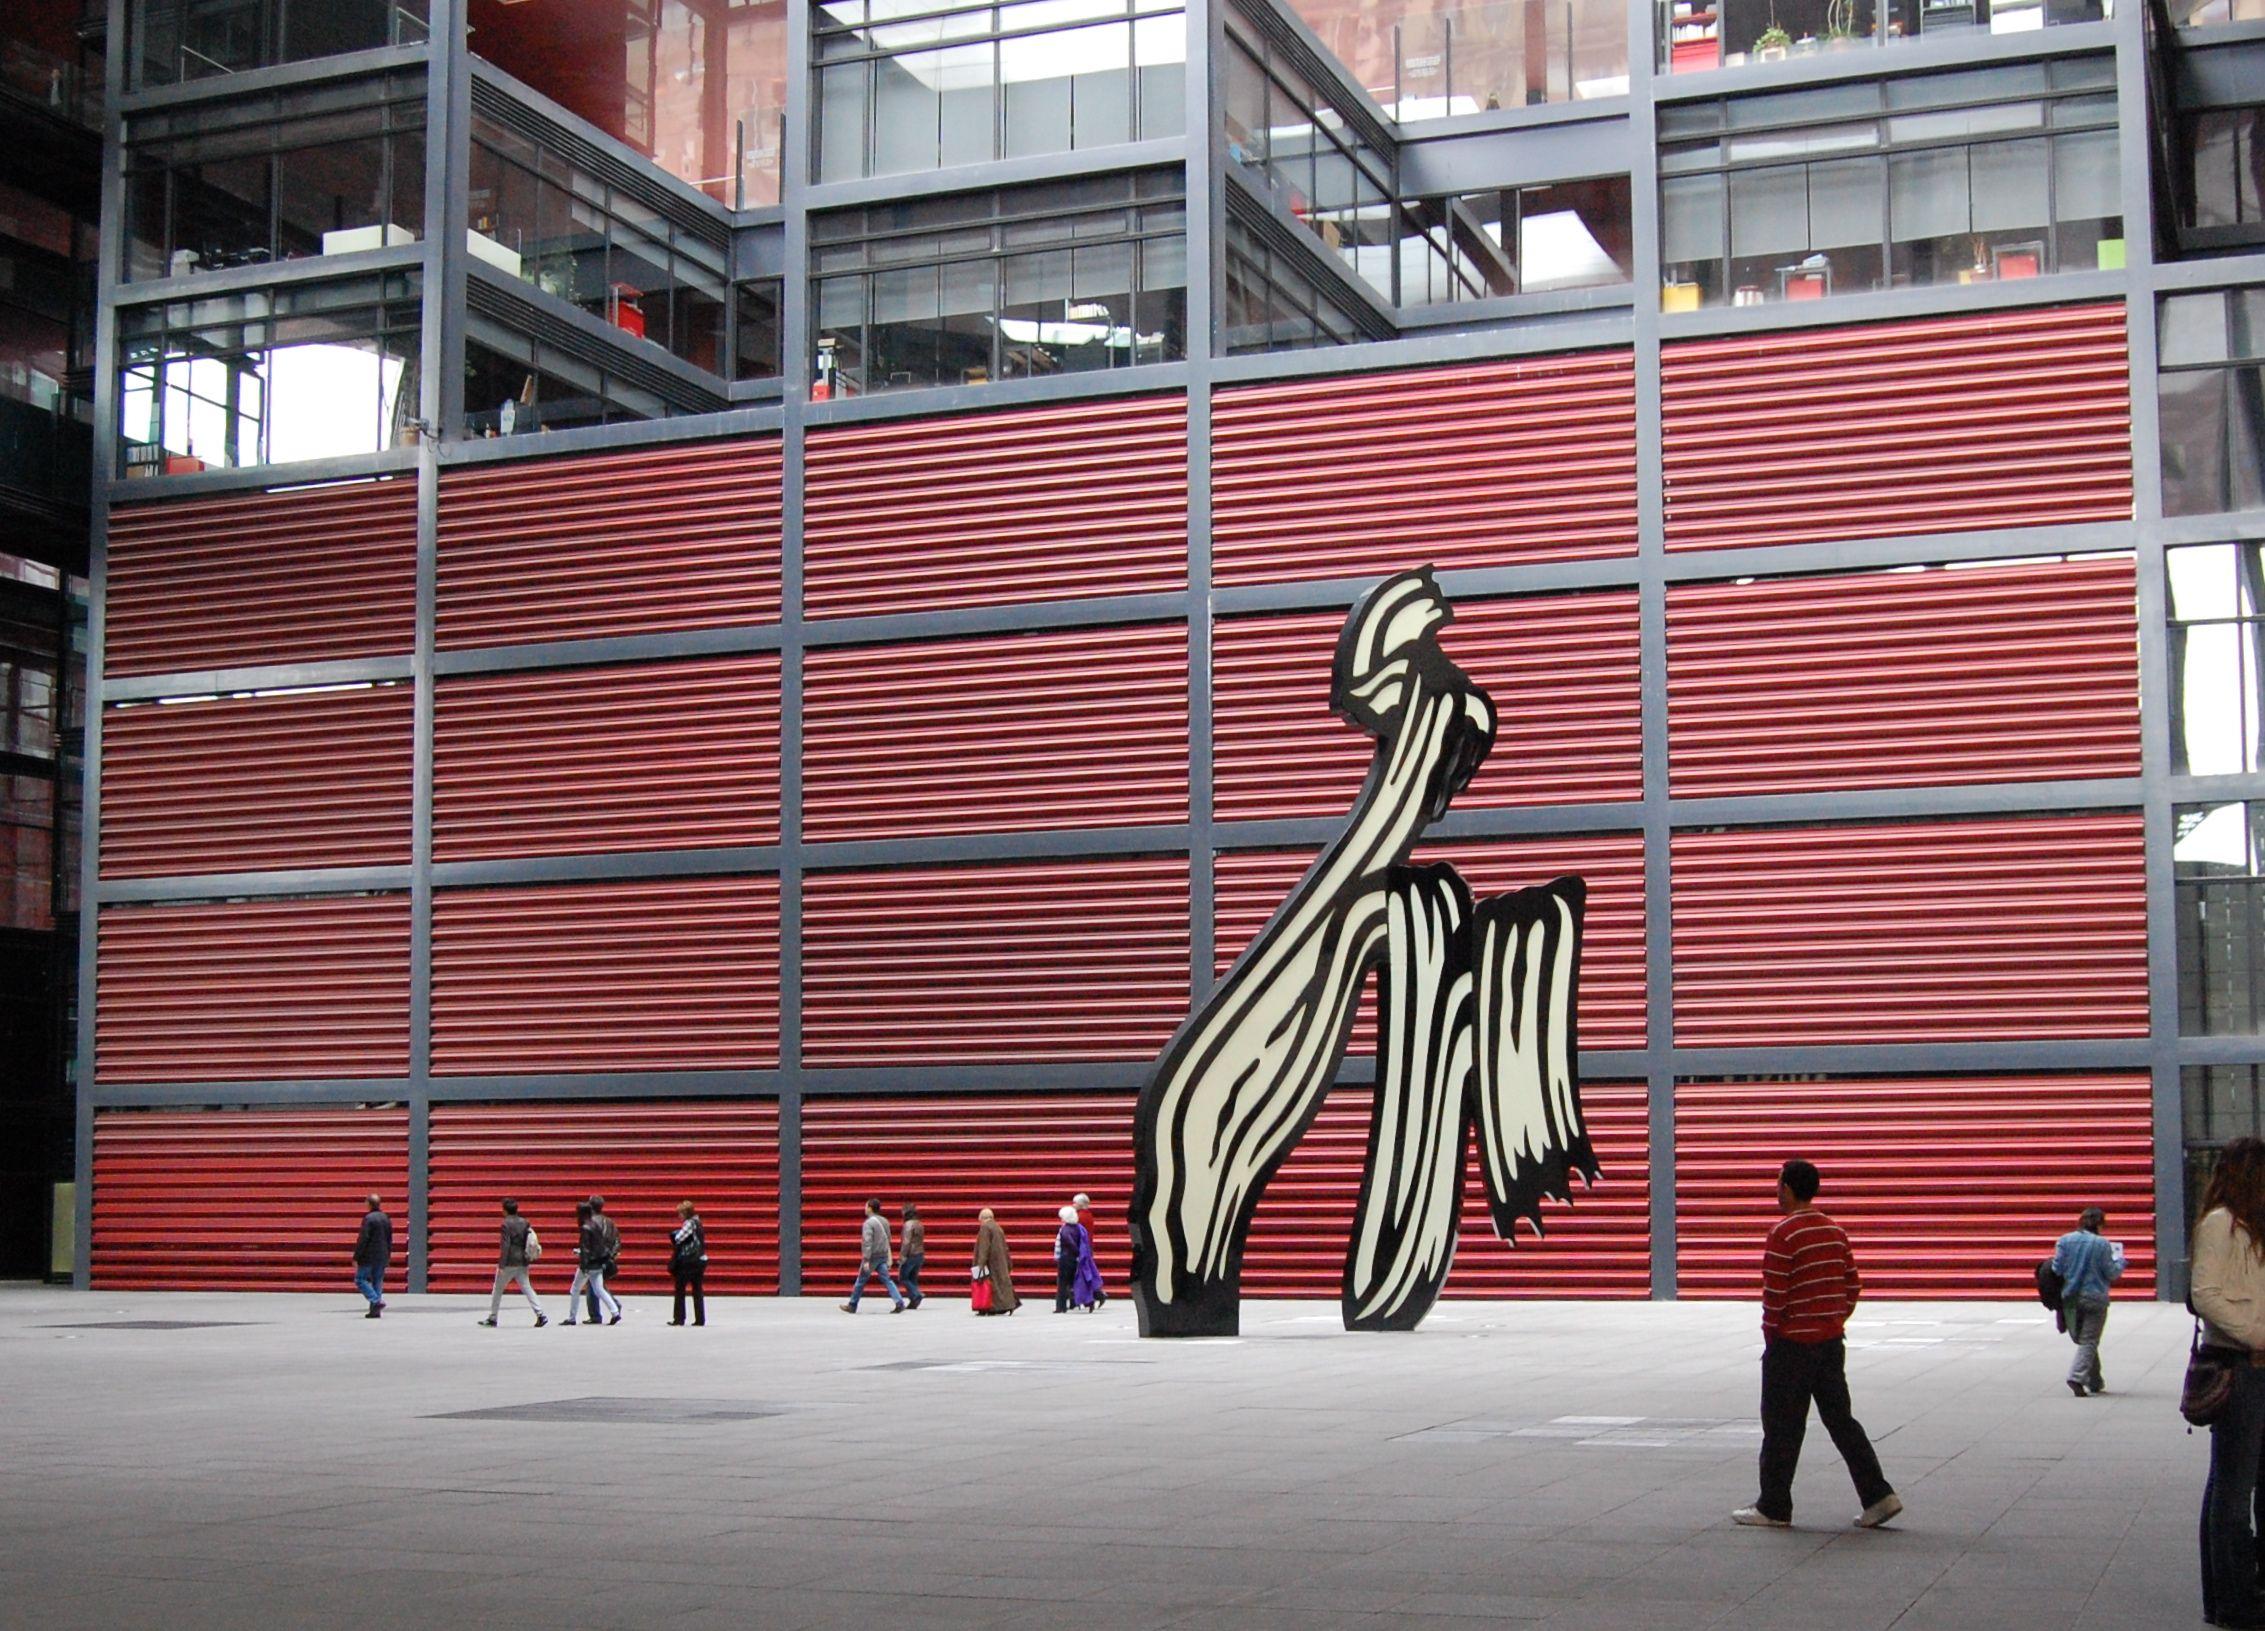 Brushstroke By Roy Lichtenstein Madrid Reina Sofia Museum Outdoor Sculpture Sculpture Museum